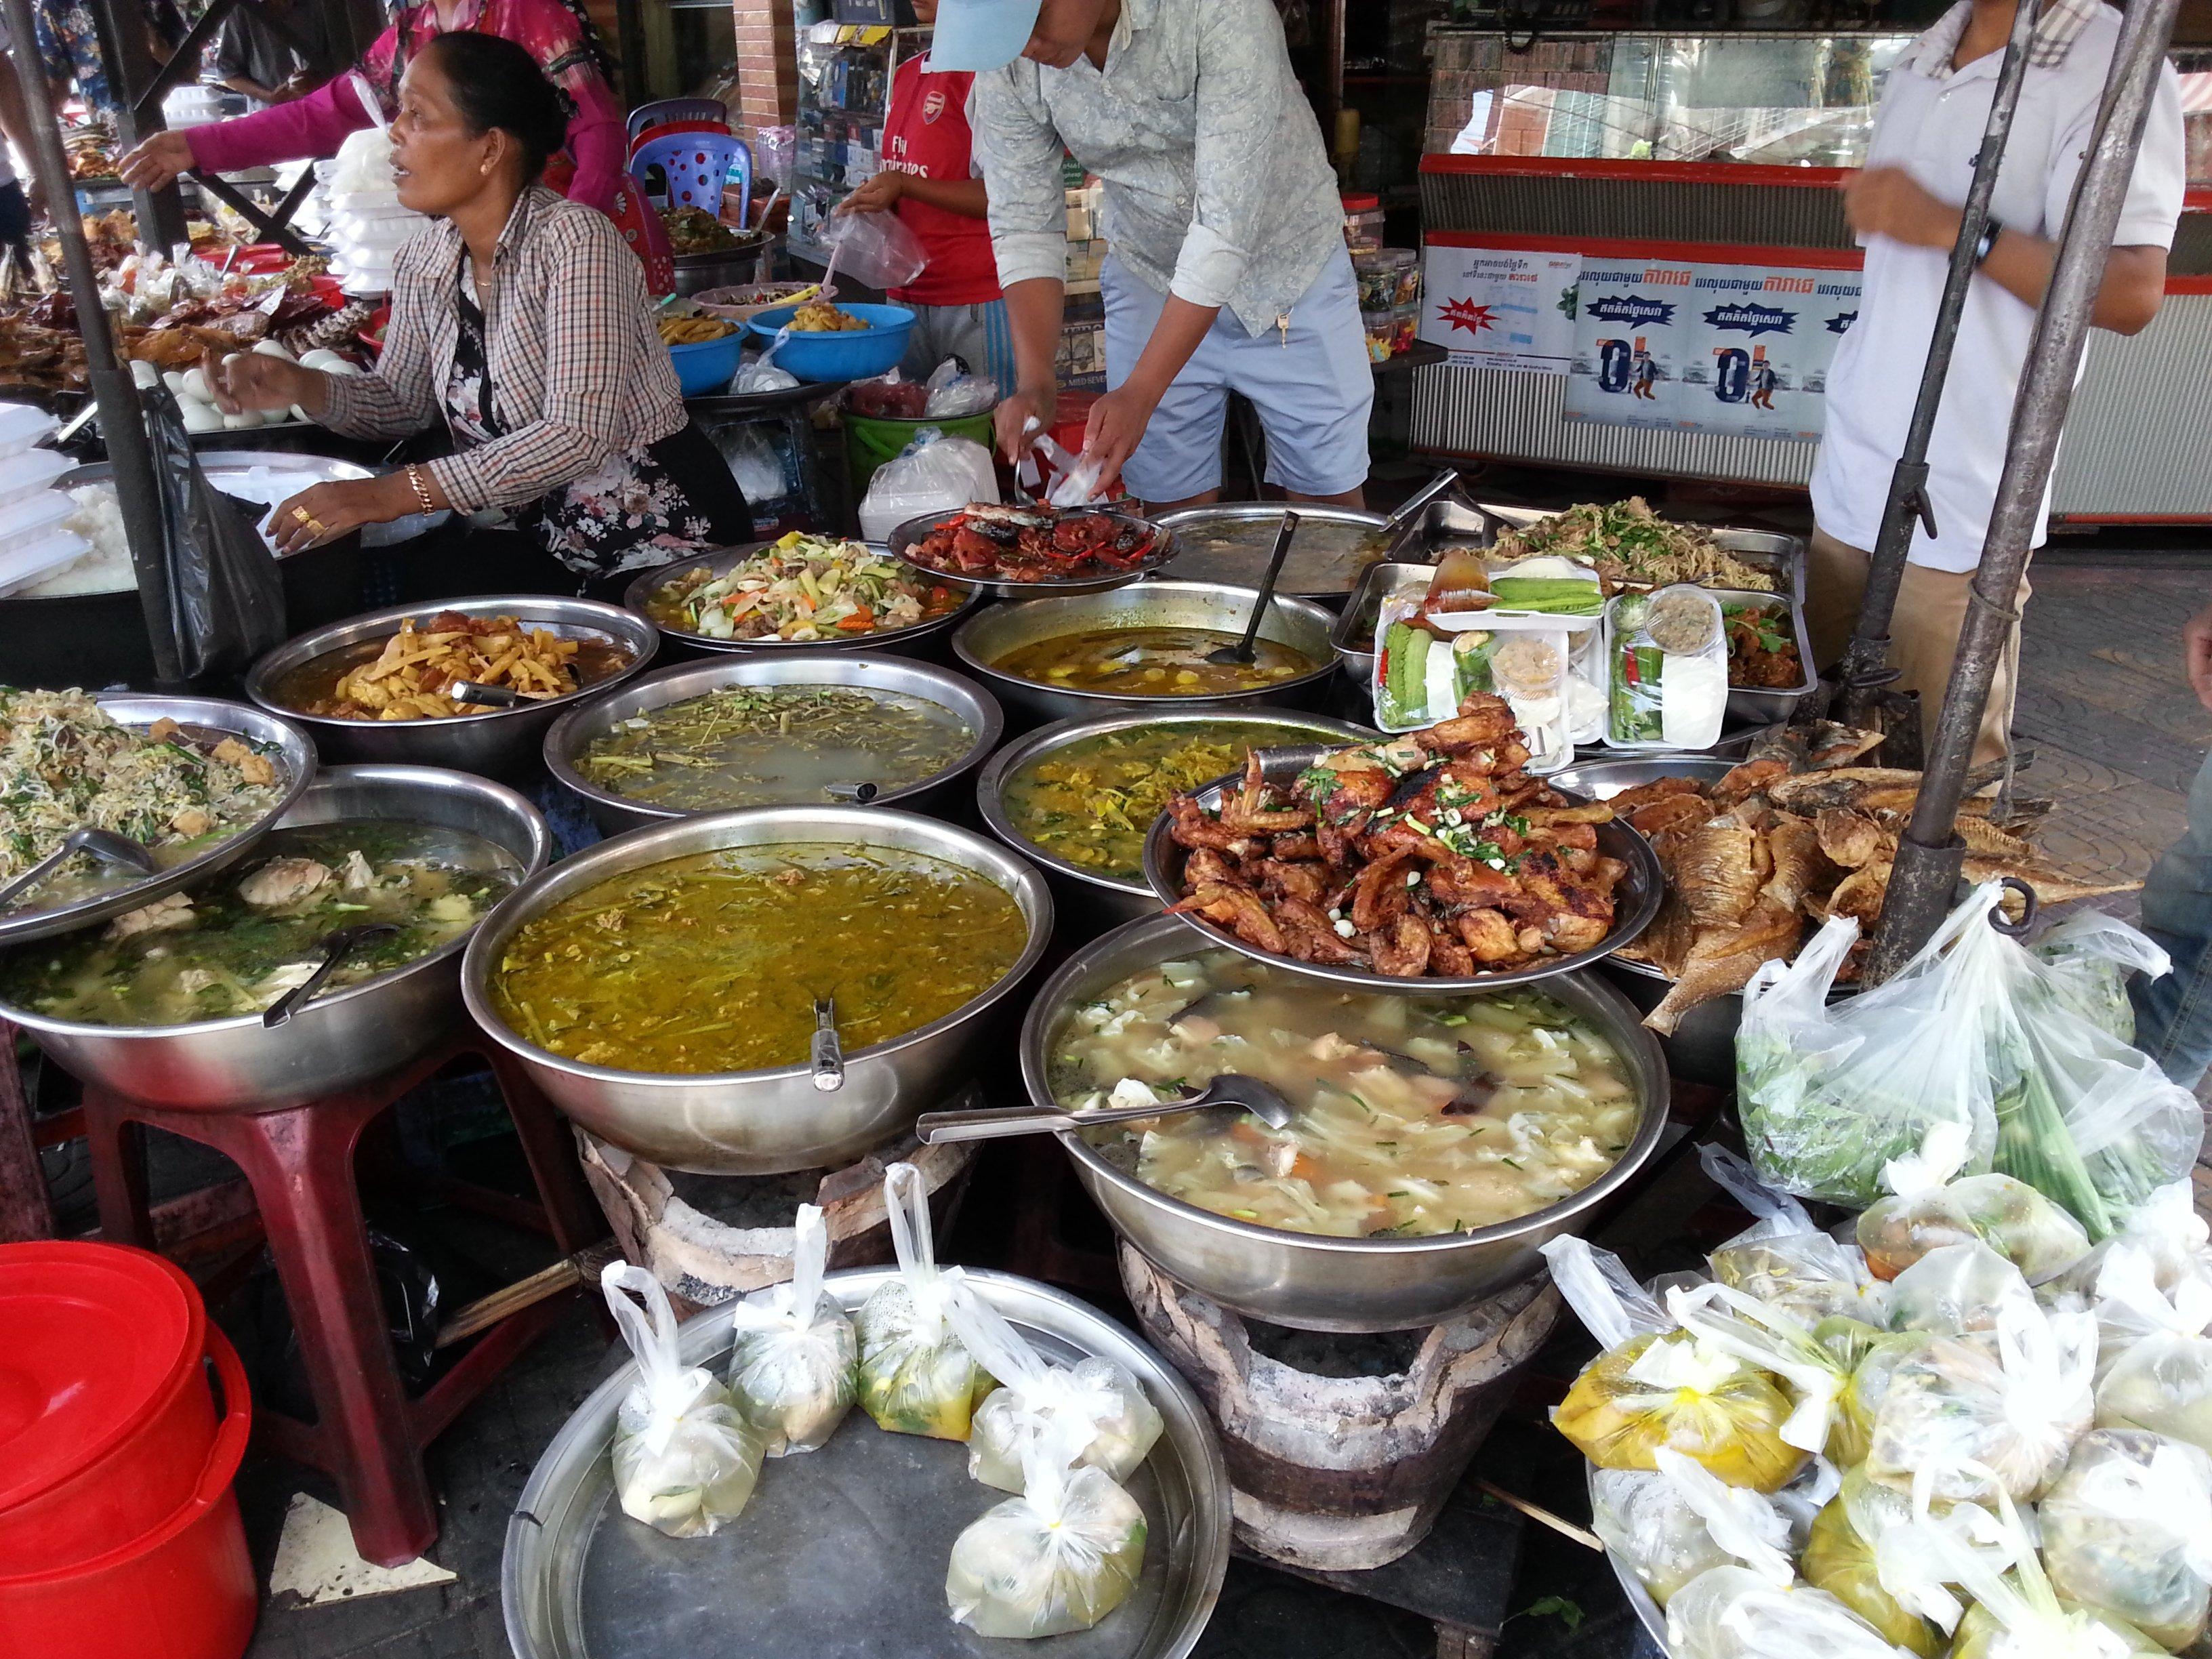 Food vendors on Street 13